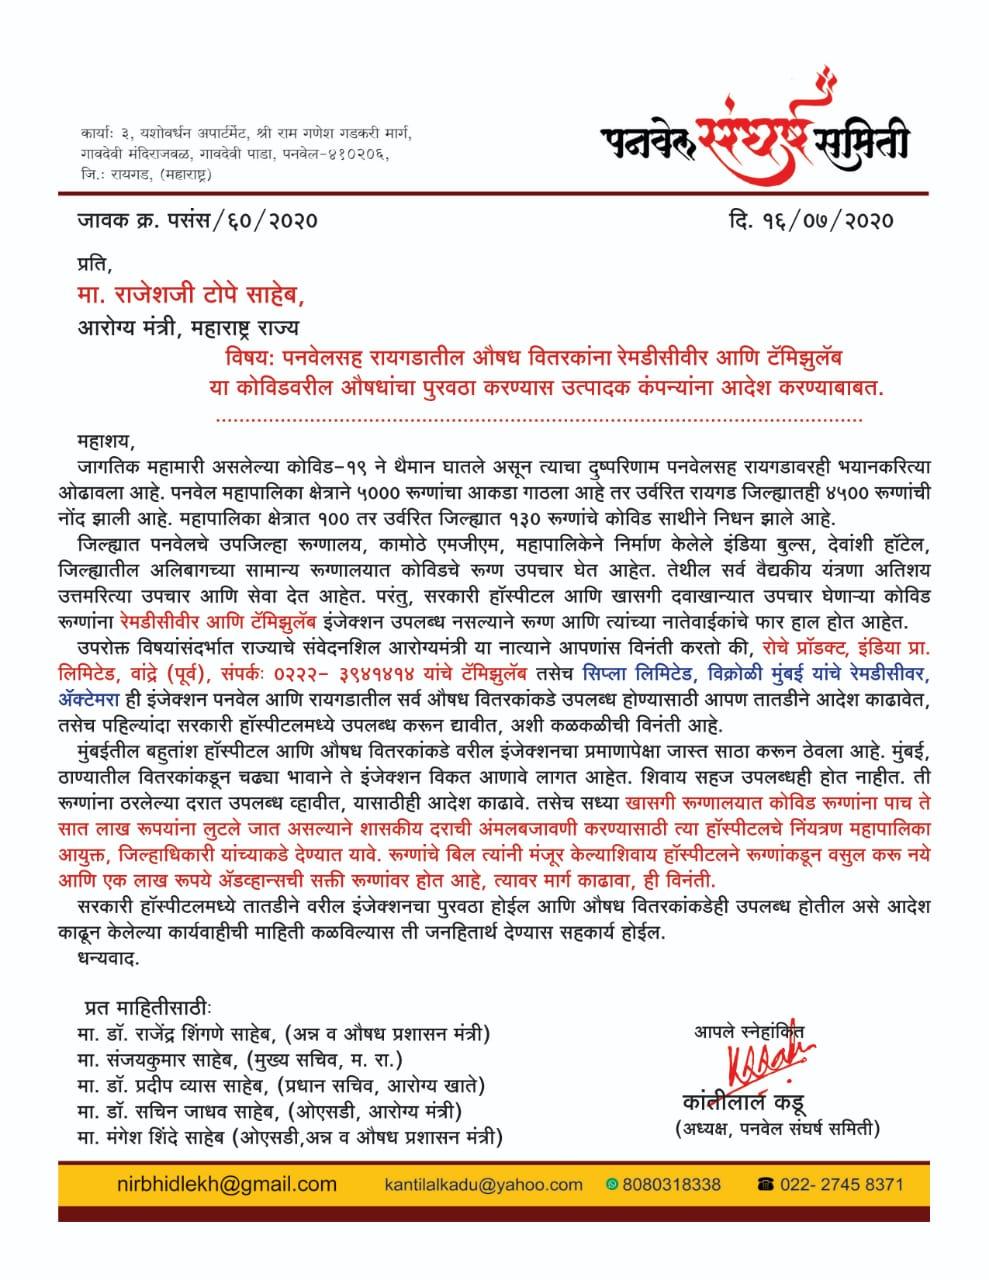 Adarsh Maharashtra | सरकारी हॉस्पीटलसह औषध वितरकांकडे कोविड इंजेक्शनचा पुरवठा करण्यासाठी आरोग्यमंत्र्यांना साकडे